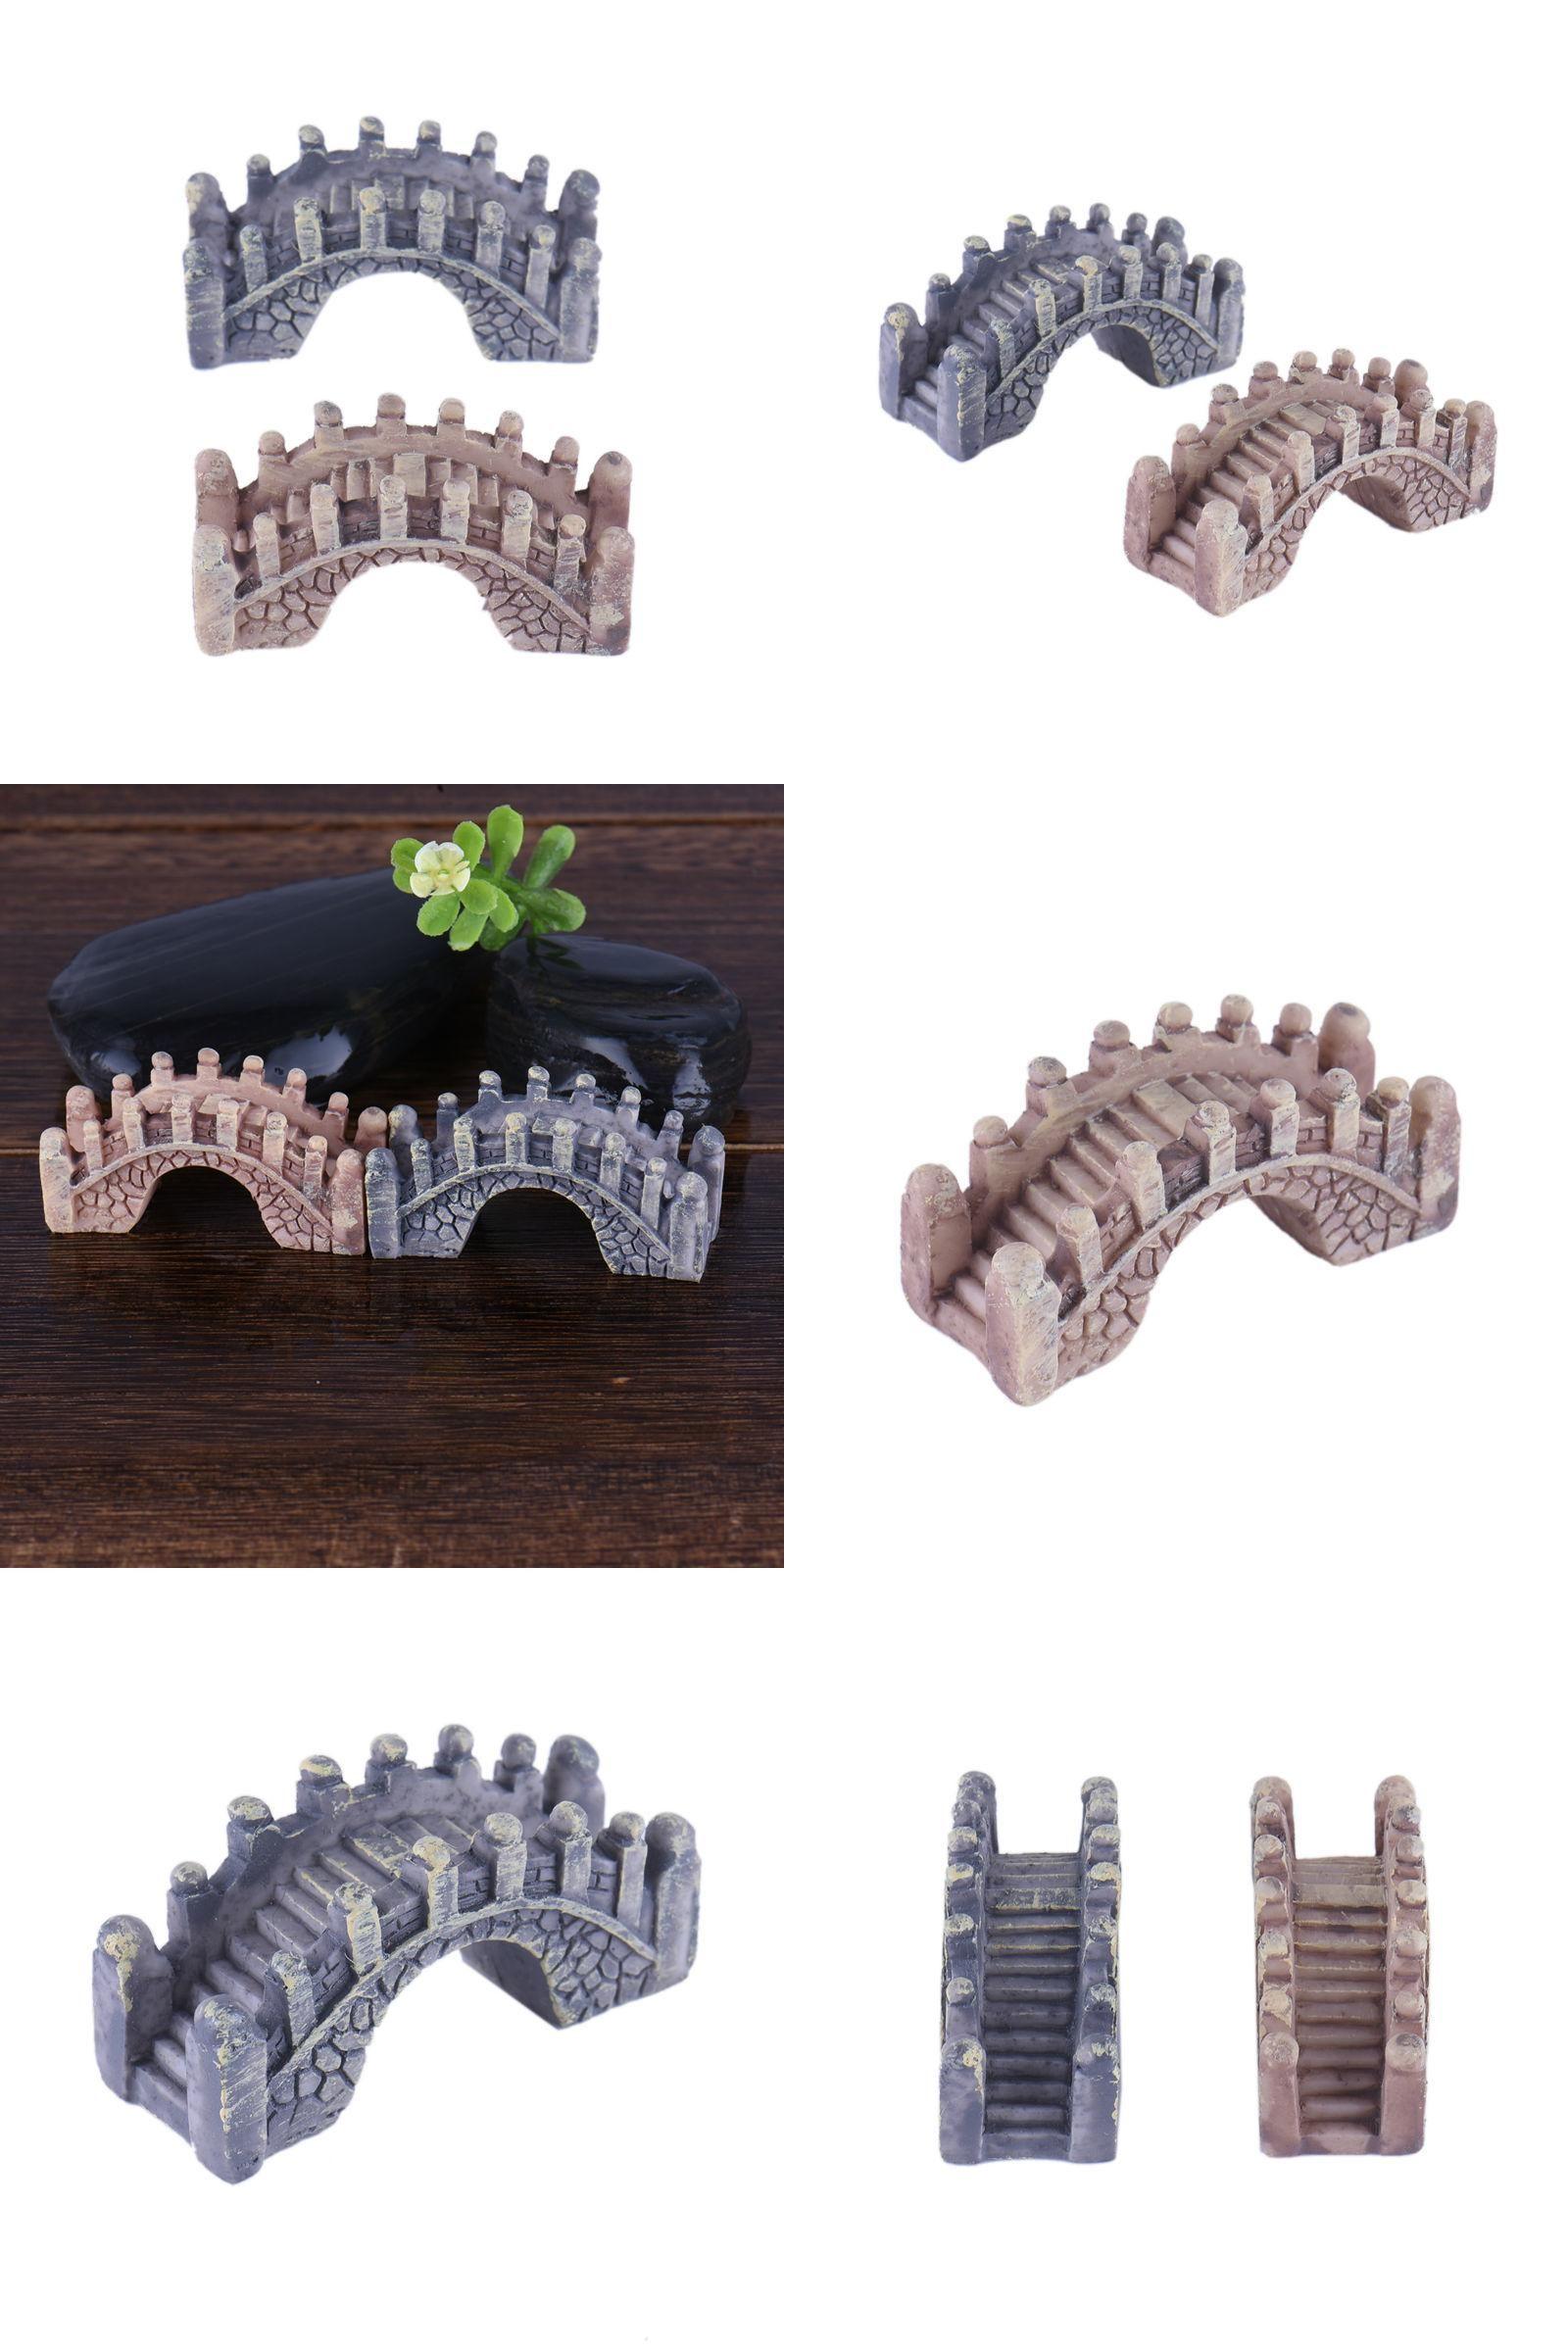 Visit to Buy pcs Hot Sale Mini Bridge Miniature Landscape Fairy